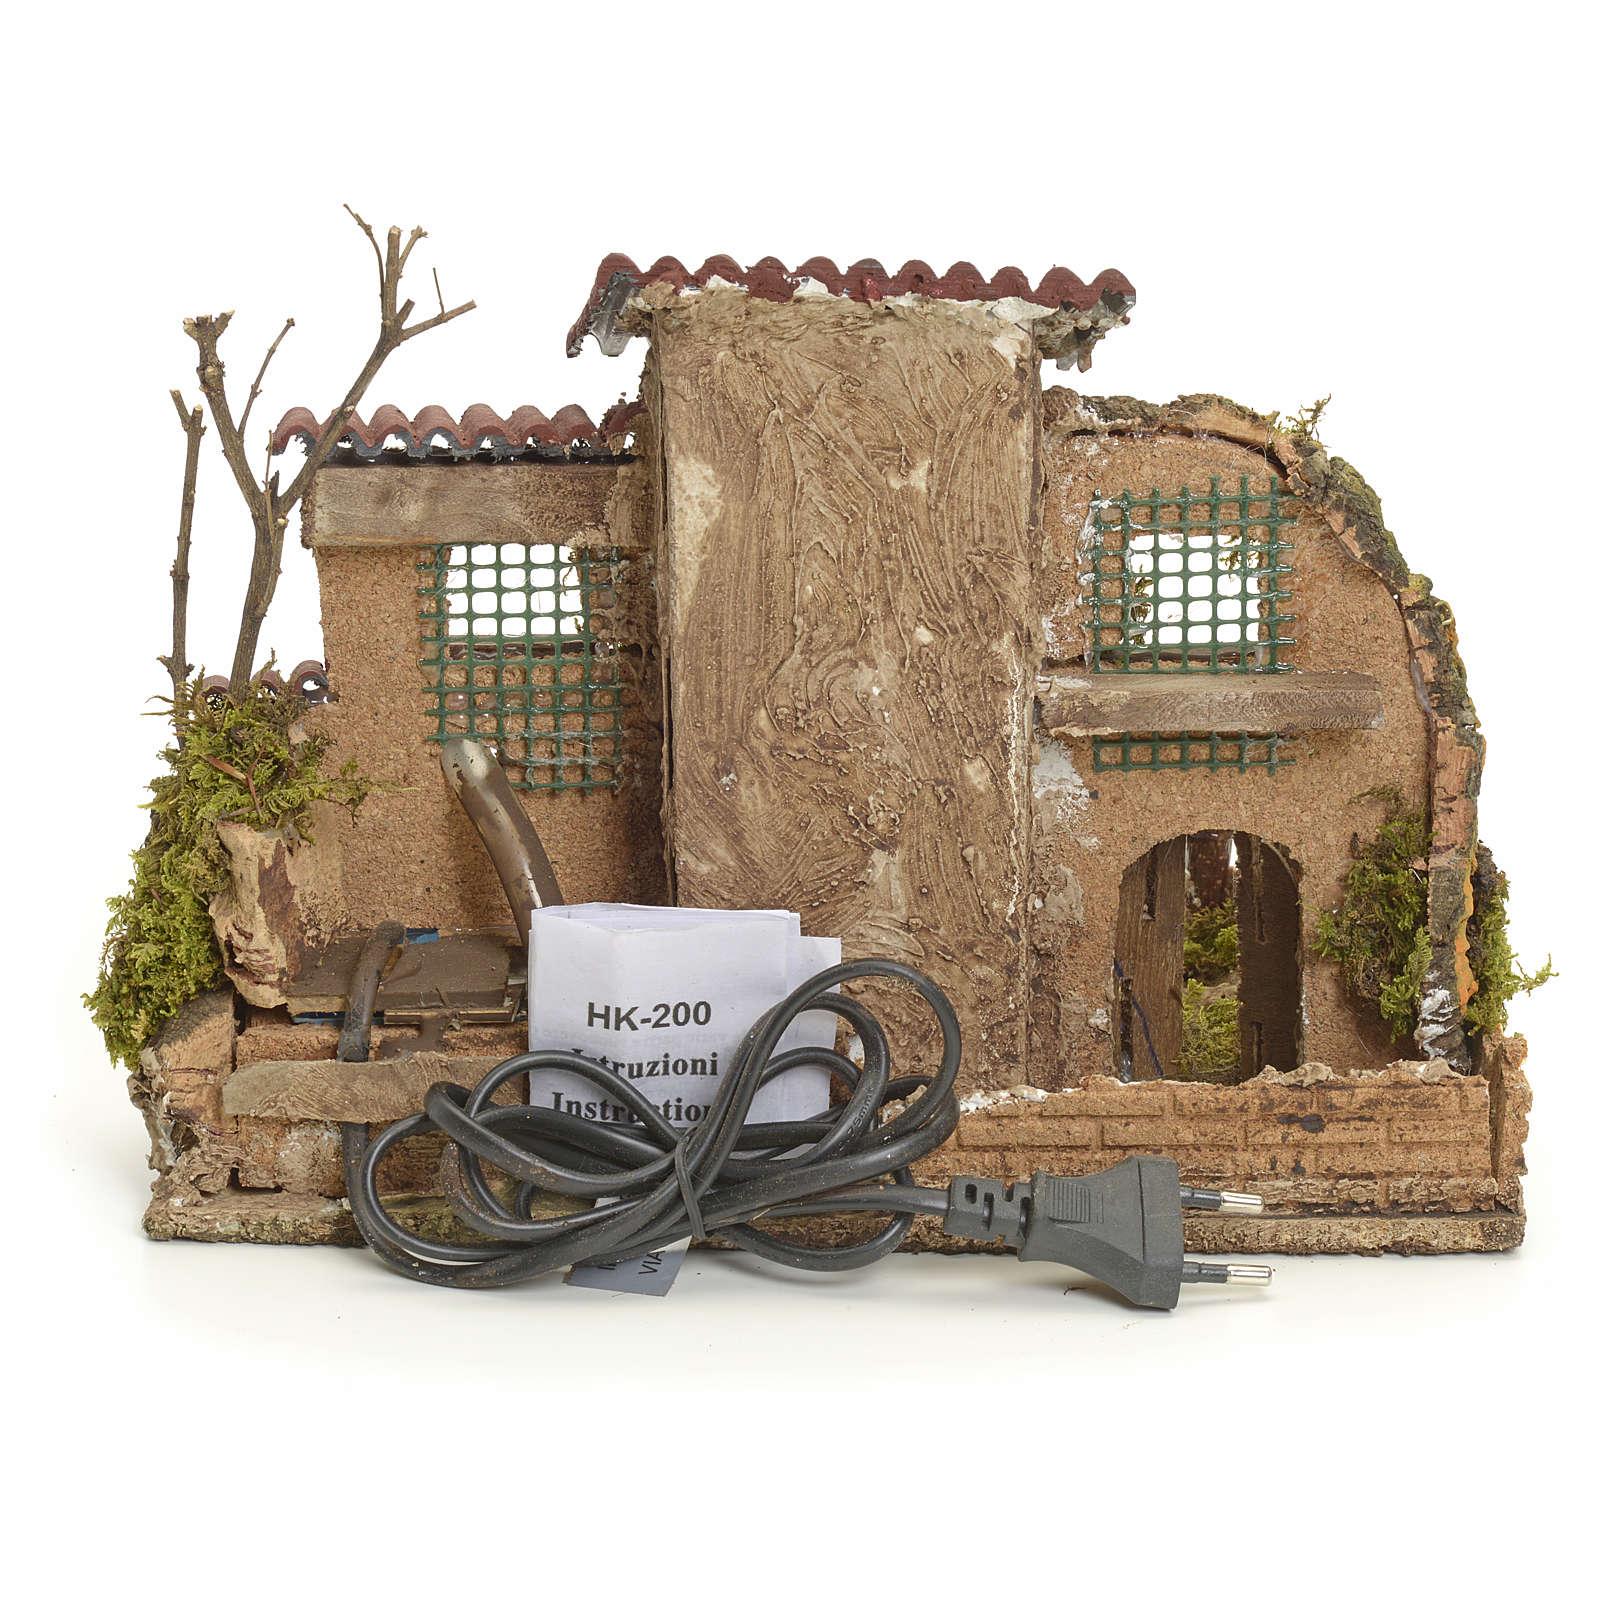 Borgo rustico con fontanella elettrica 4